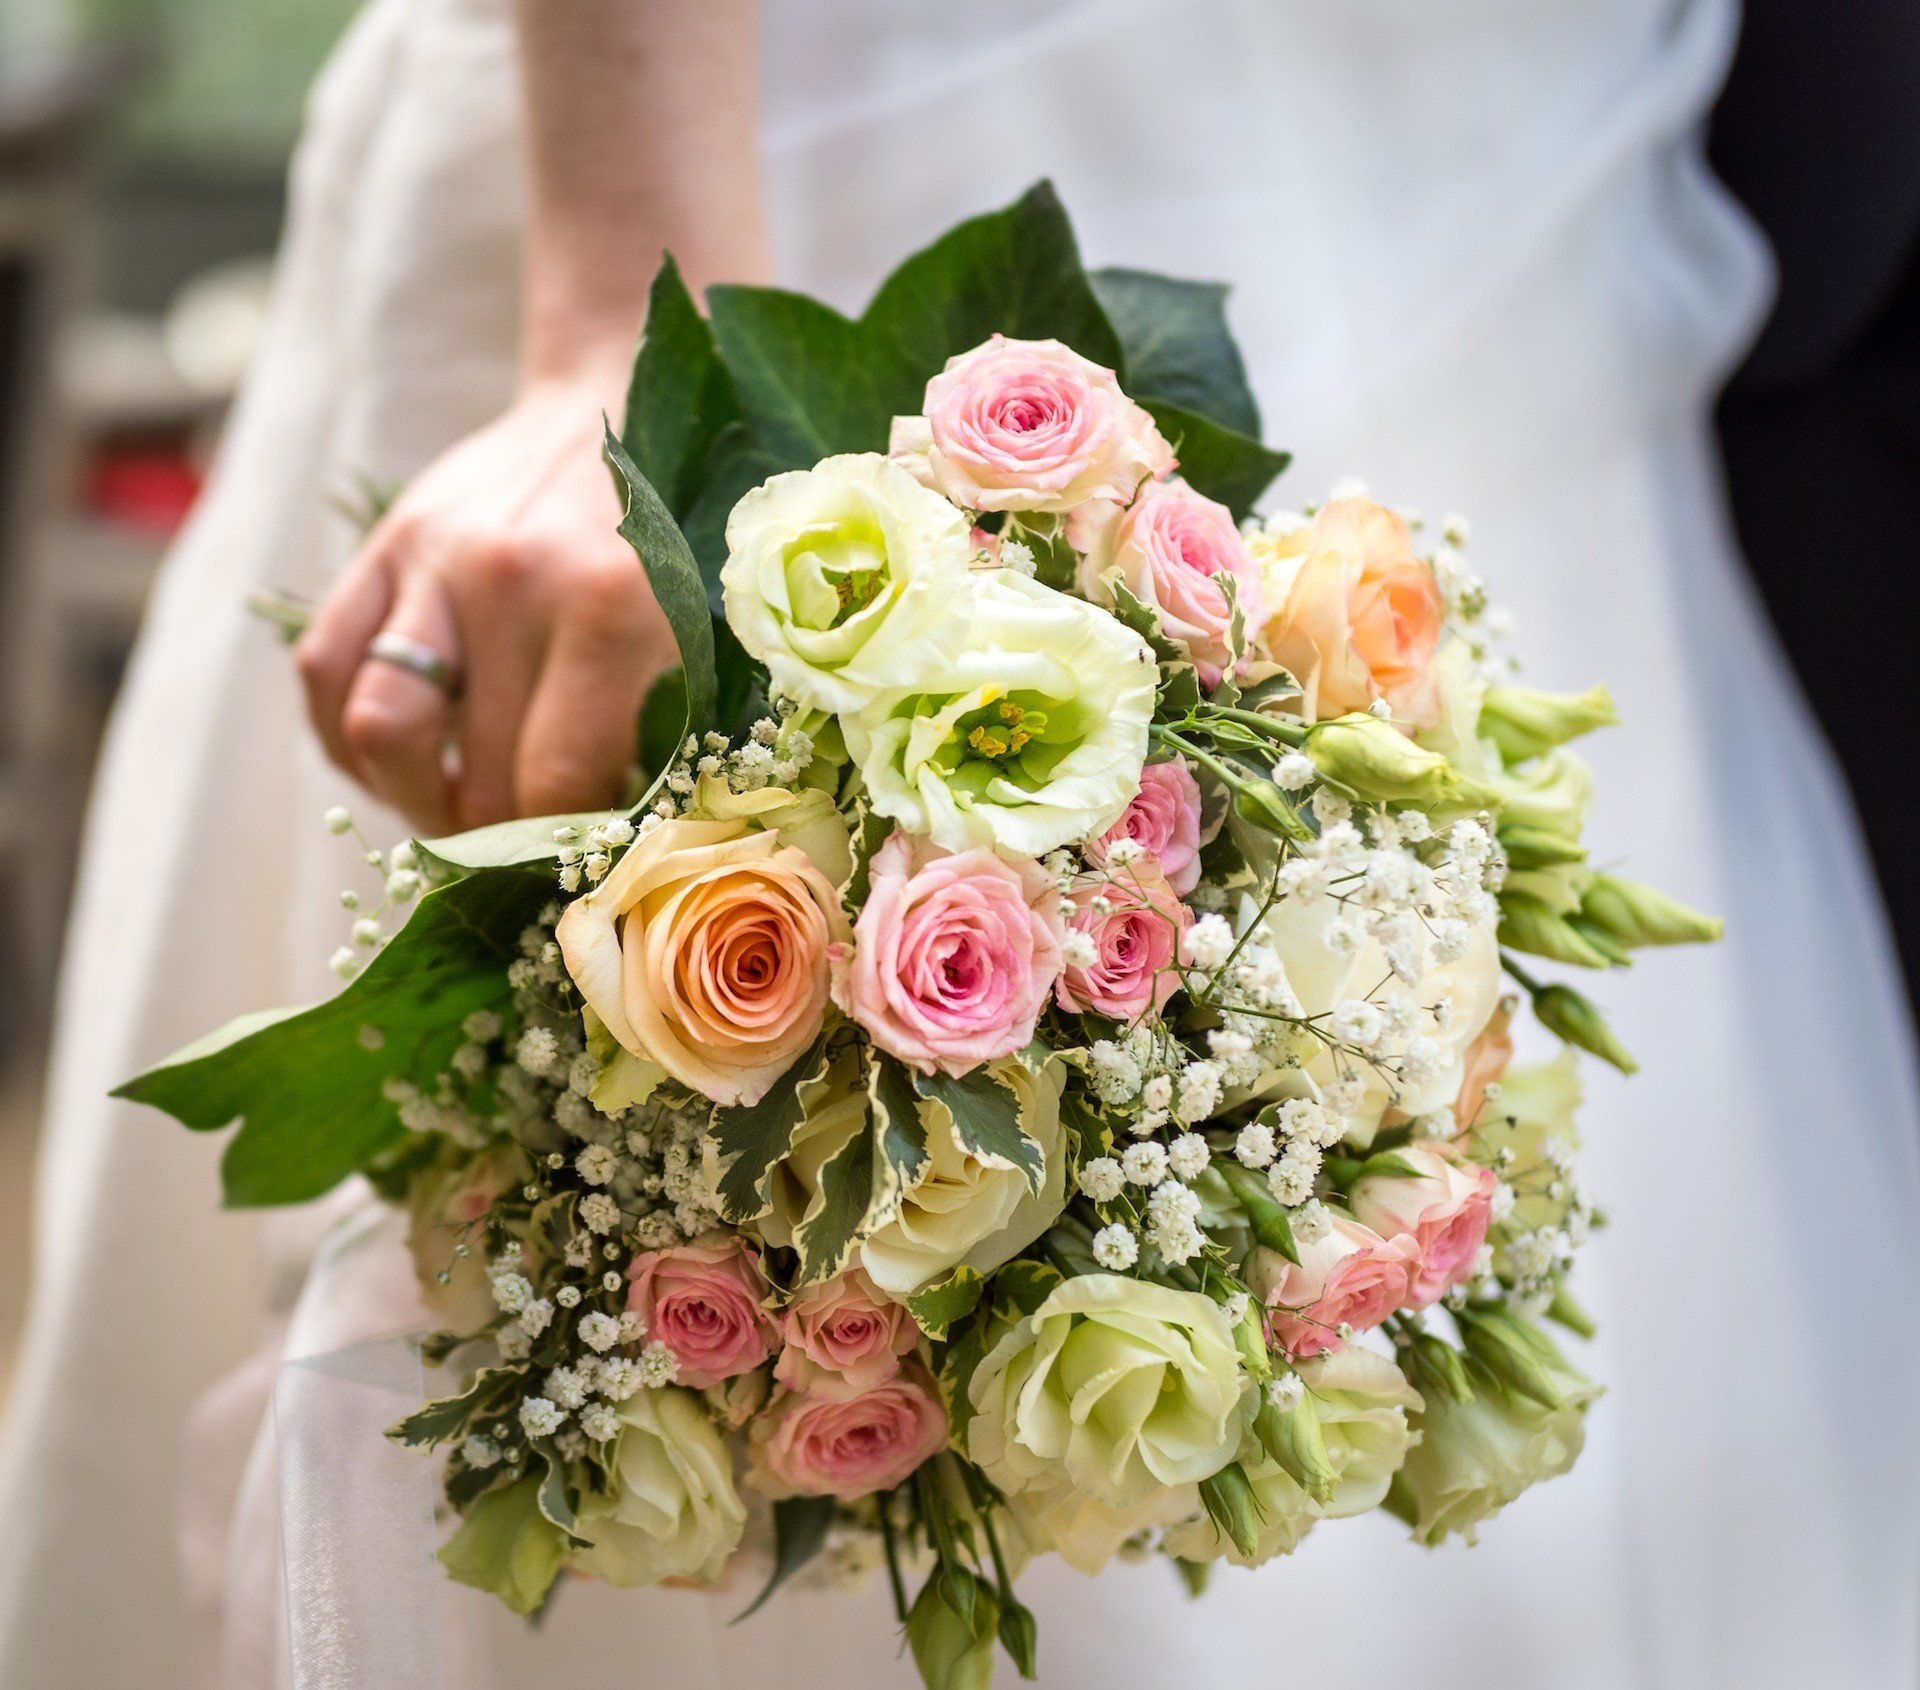 Pastellfarbener Brautstrauß mit Rosen